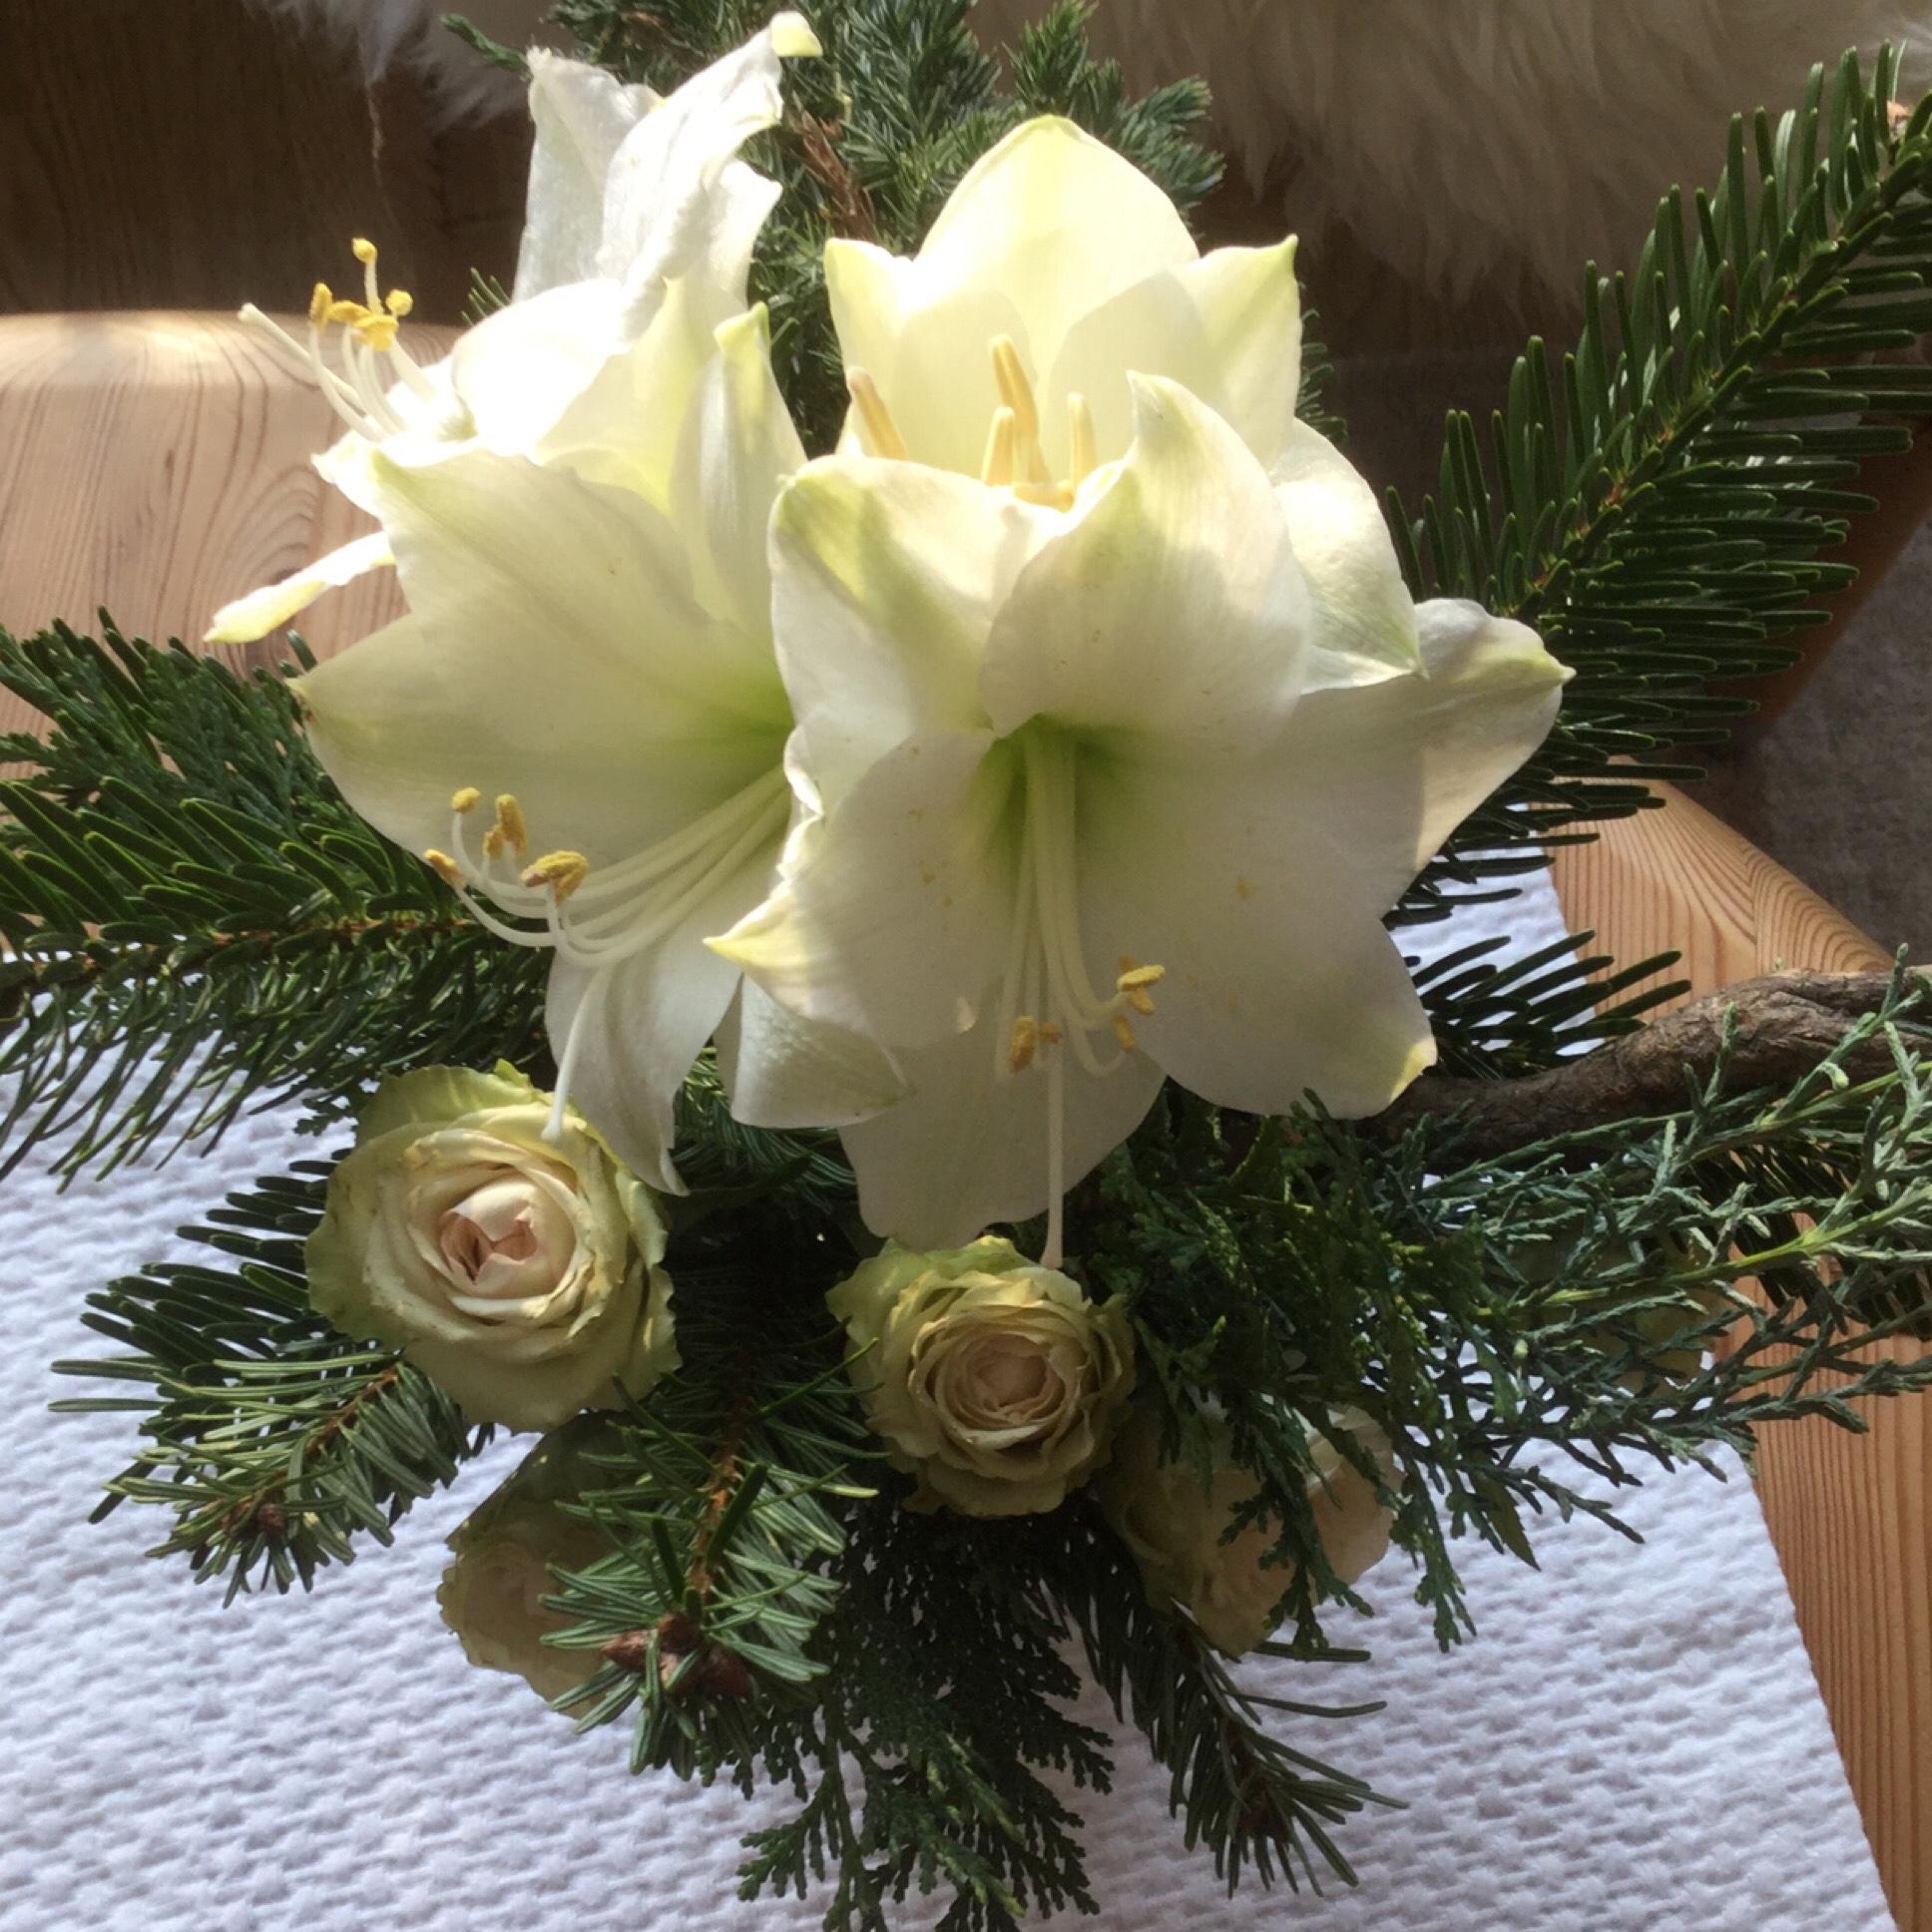 Weihnachtszeit bei Lilamalerie #6 – oder – Amaryllis, Rosen & Tannengrün